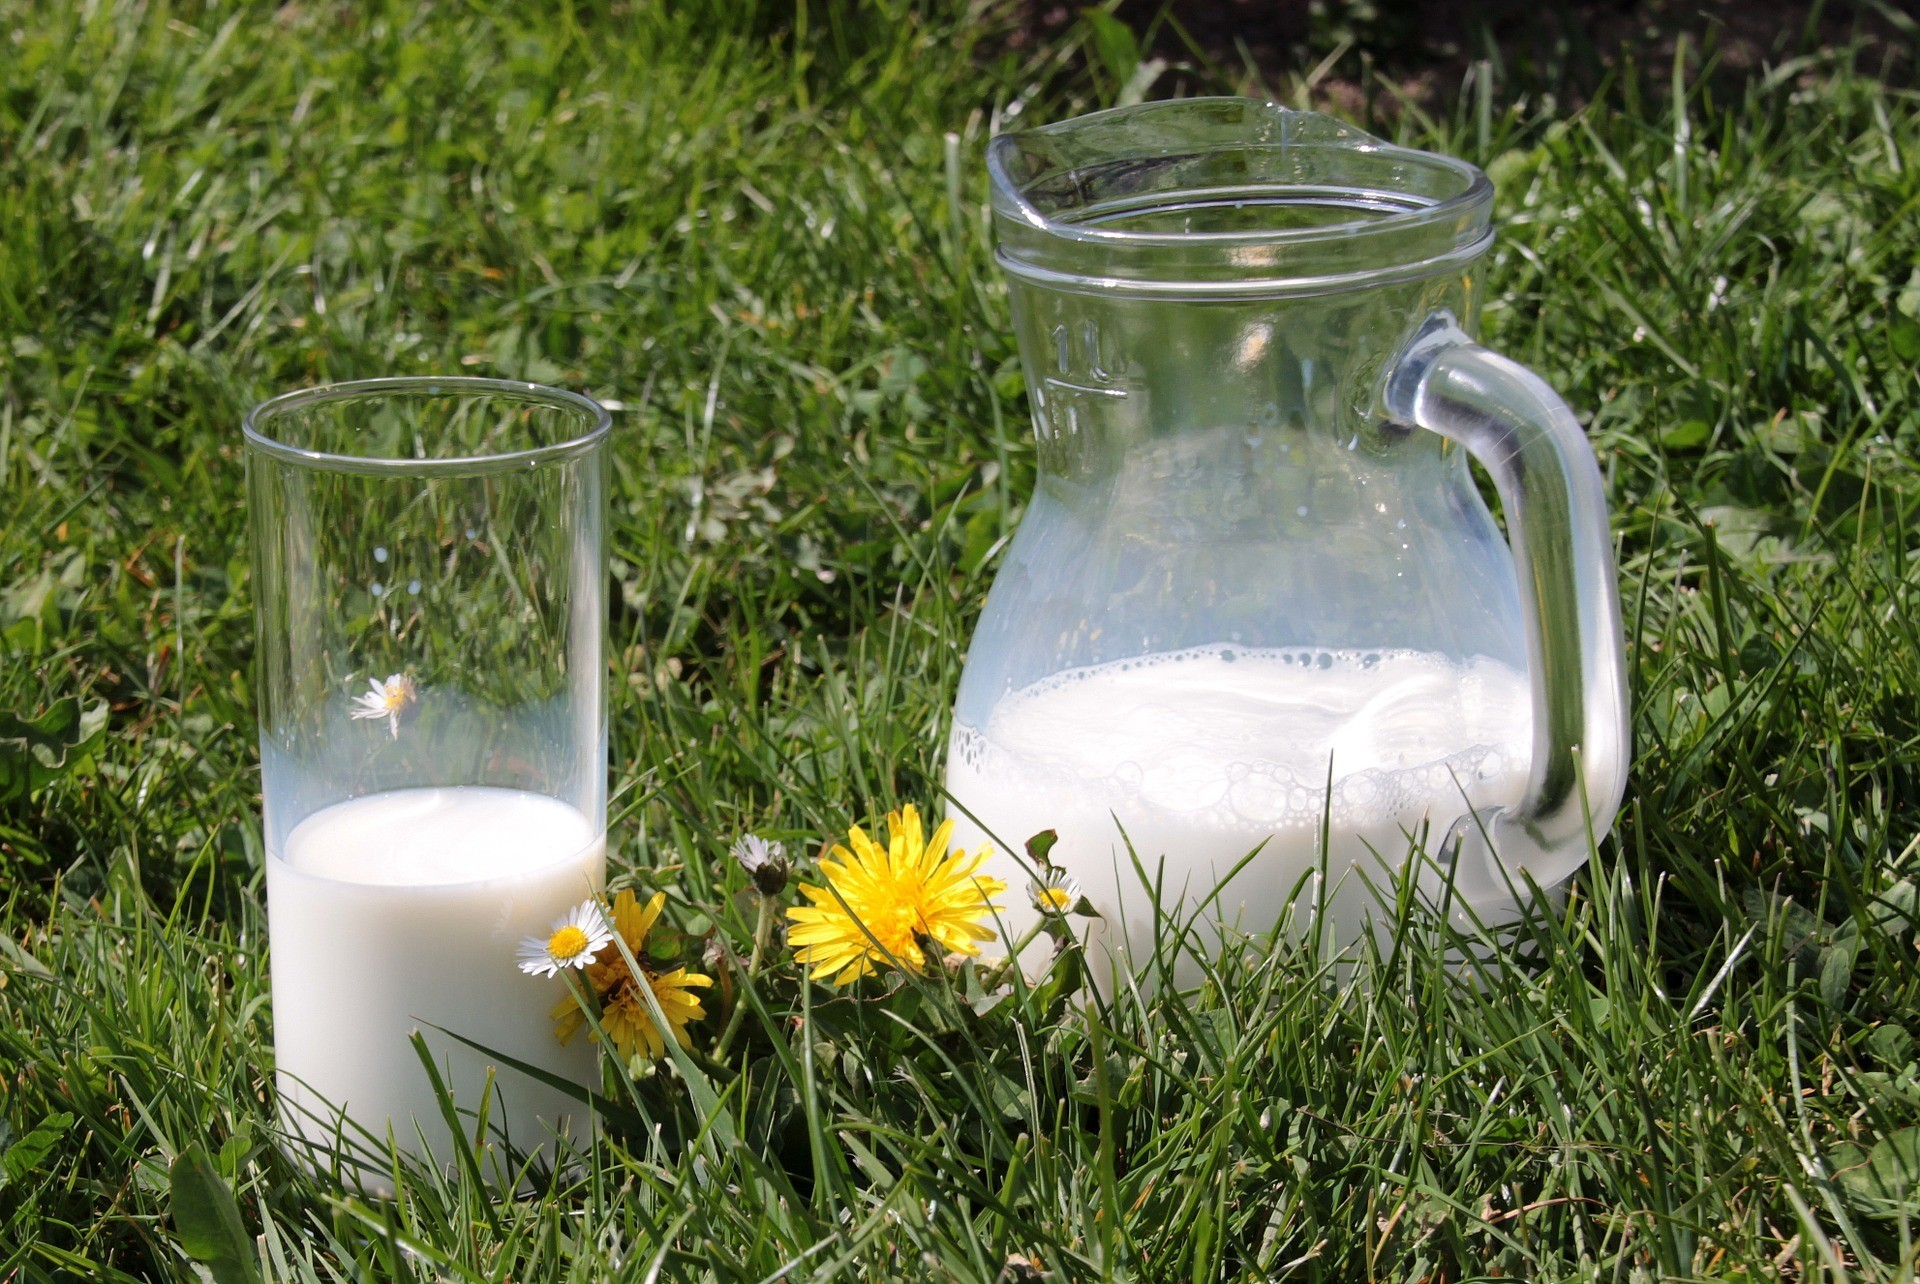 Отличный способ сэкономить: молочная кухня 2019